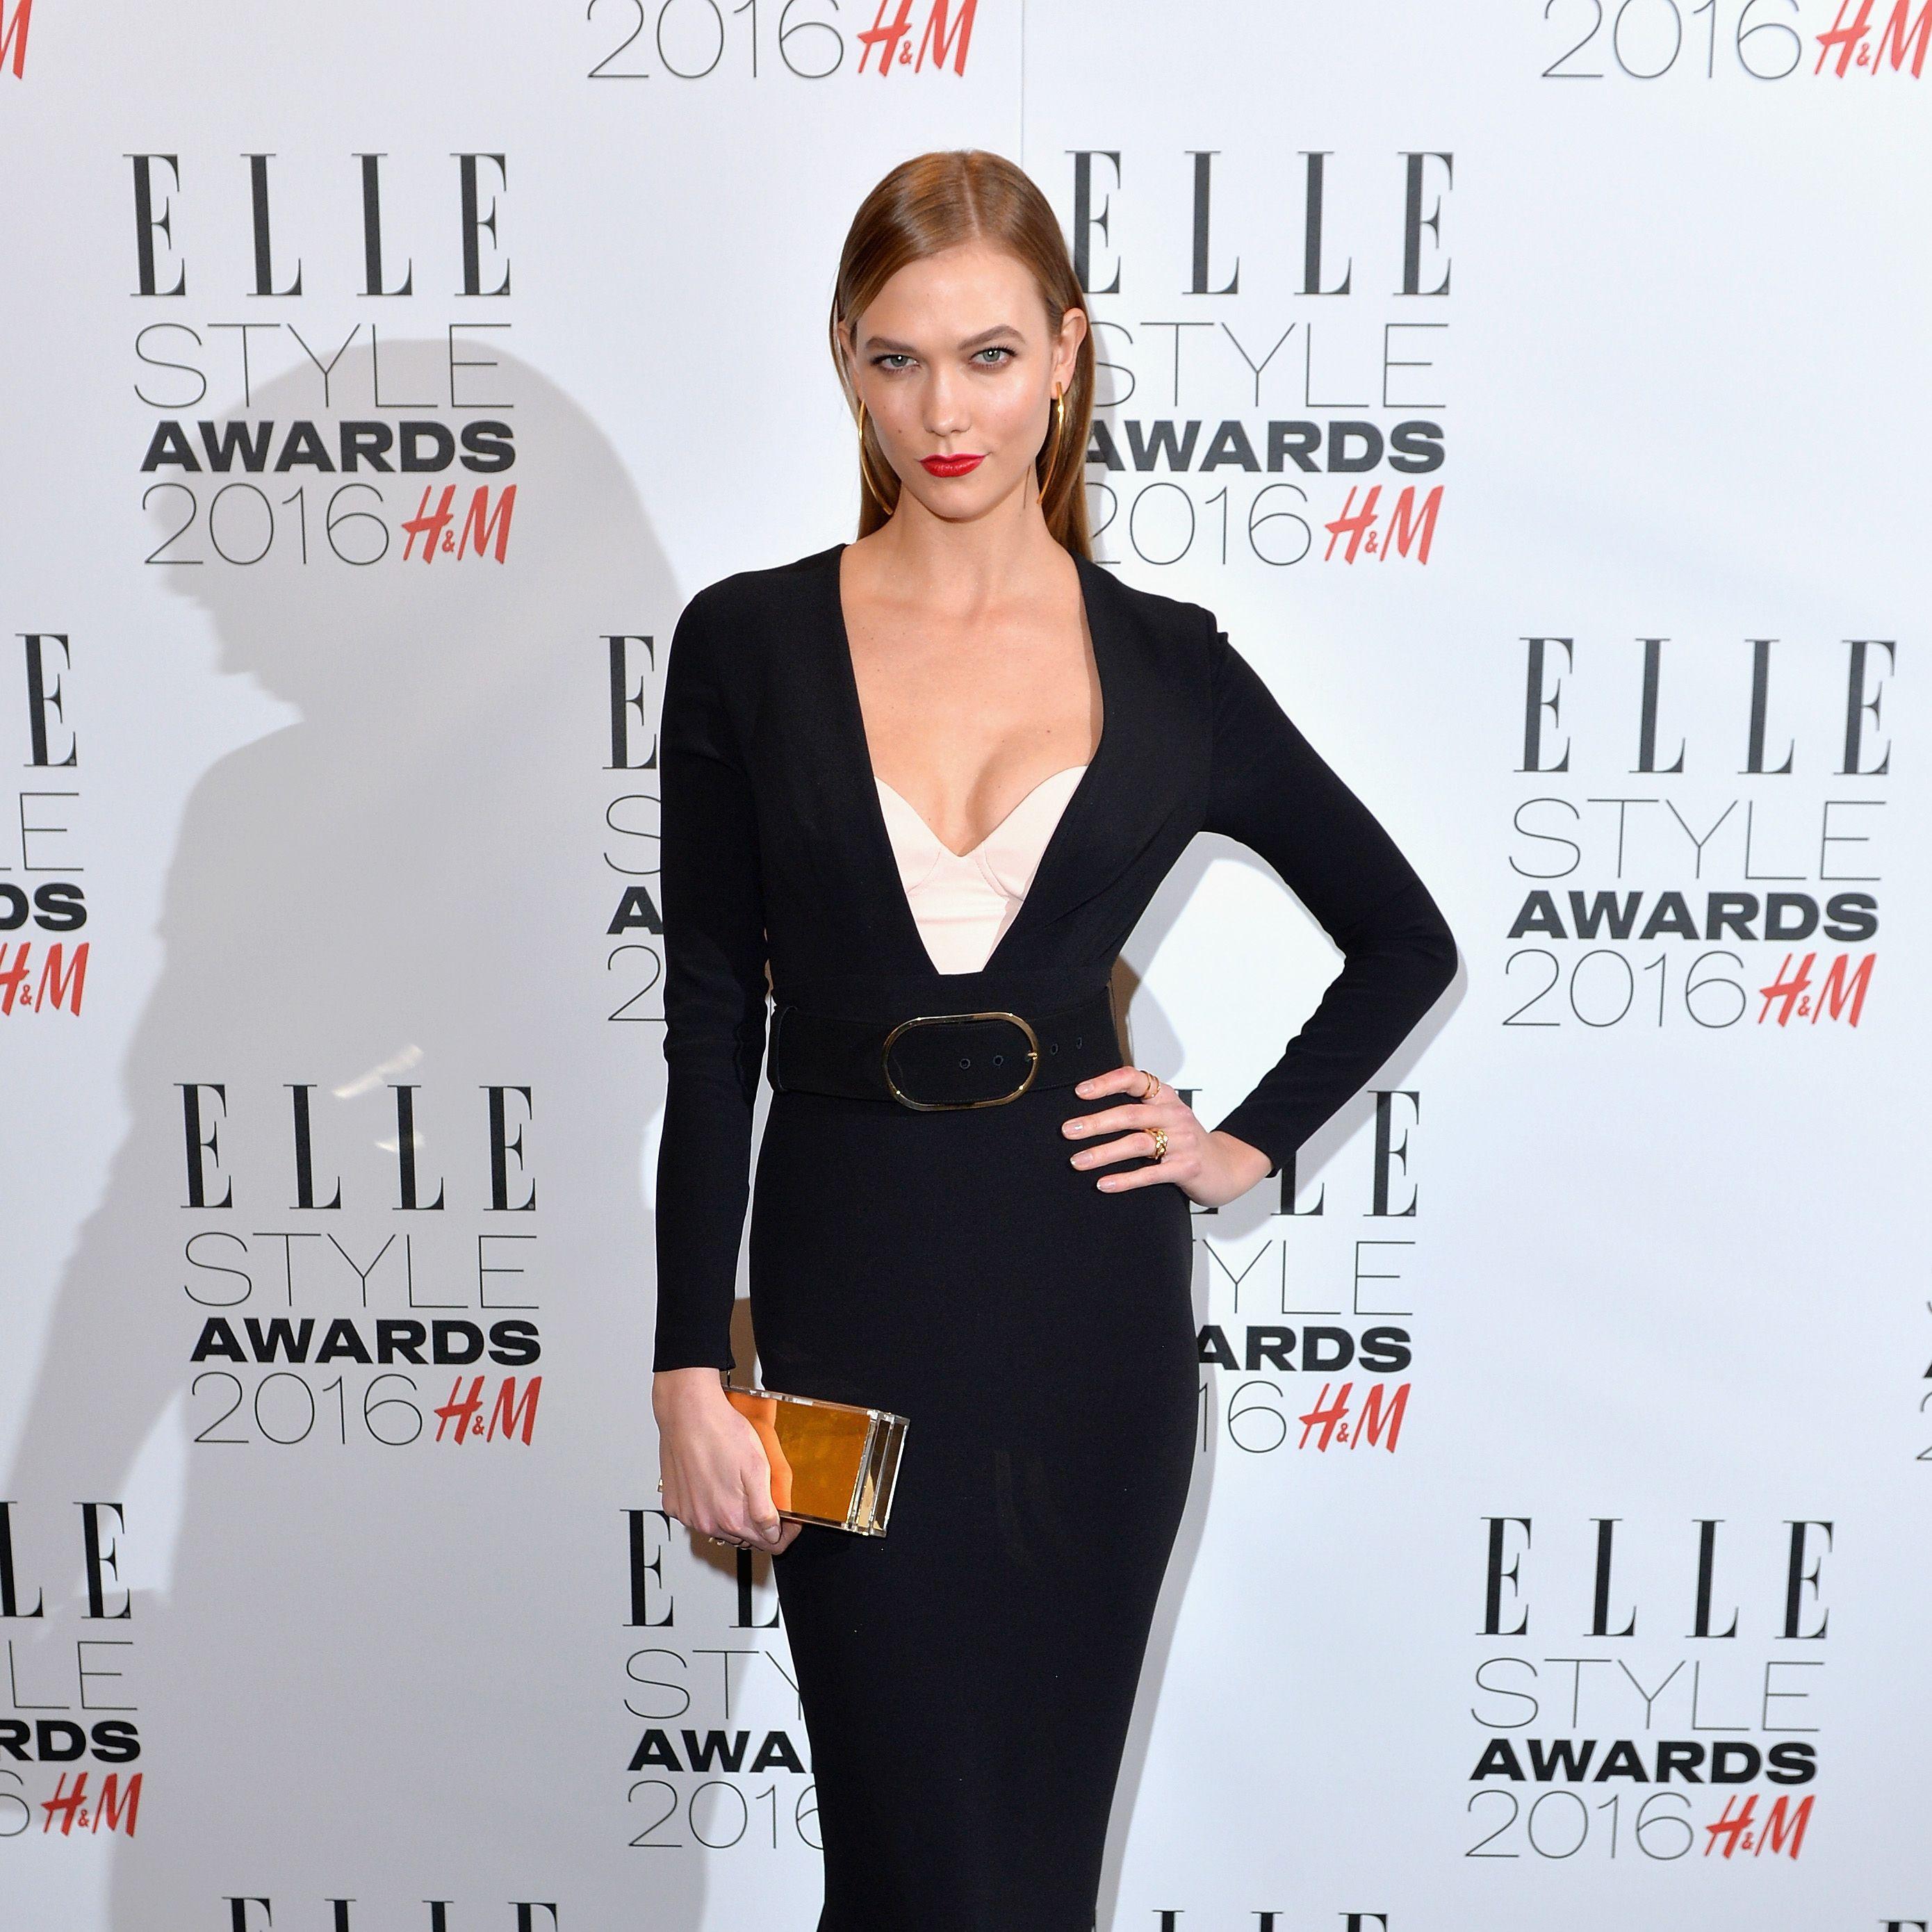 Elle Style Awards 2016: Karlie Kloss